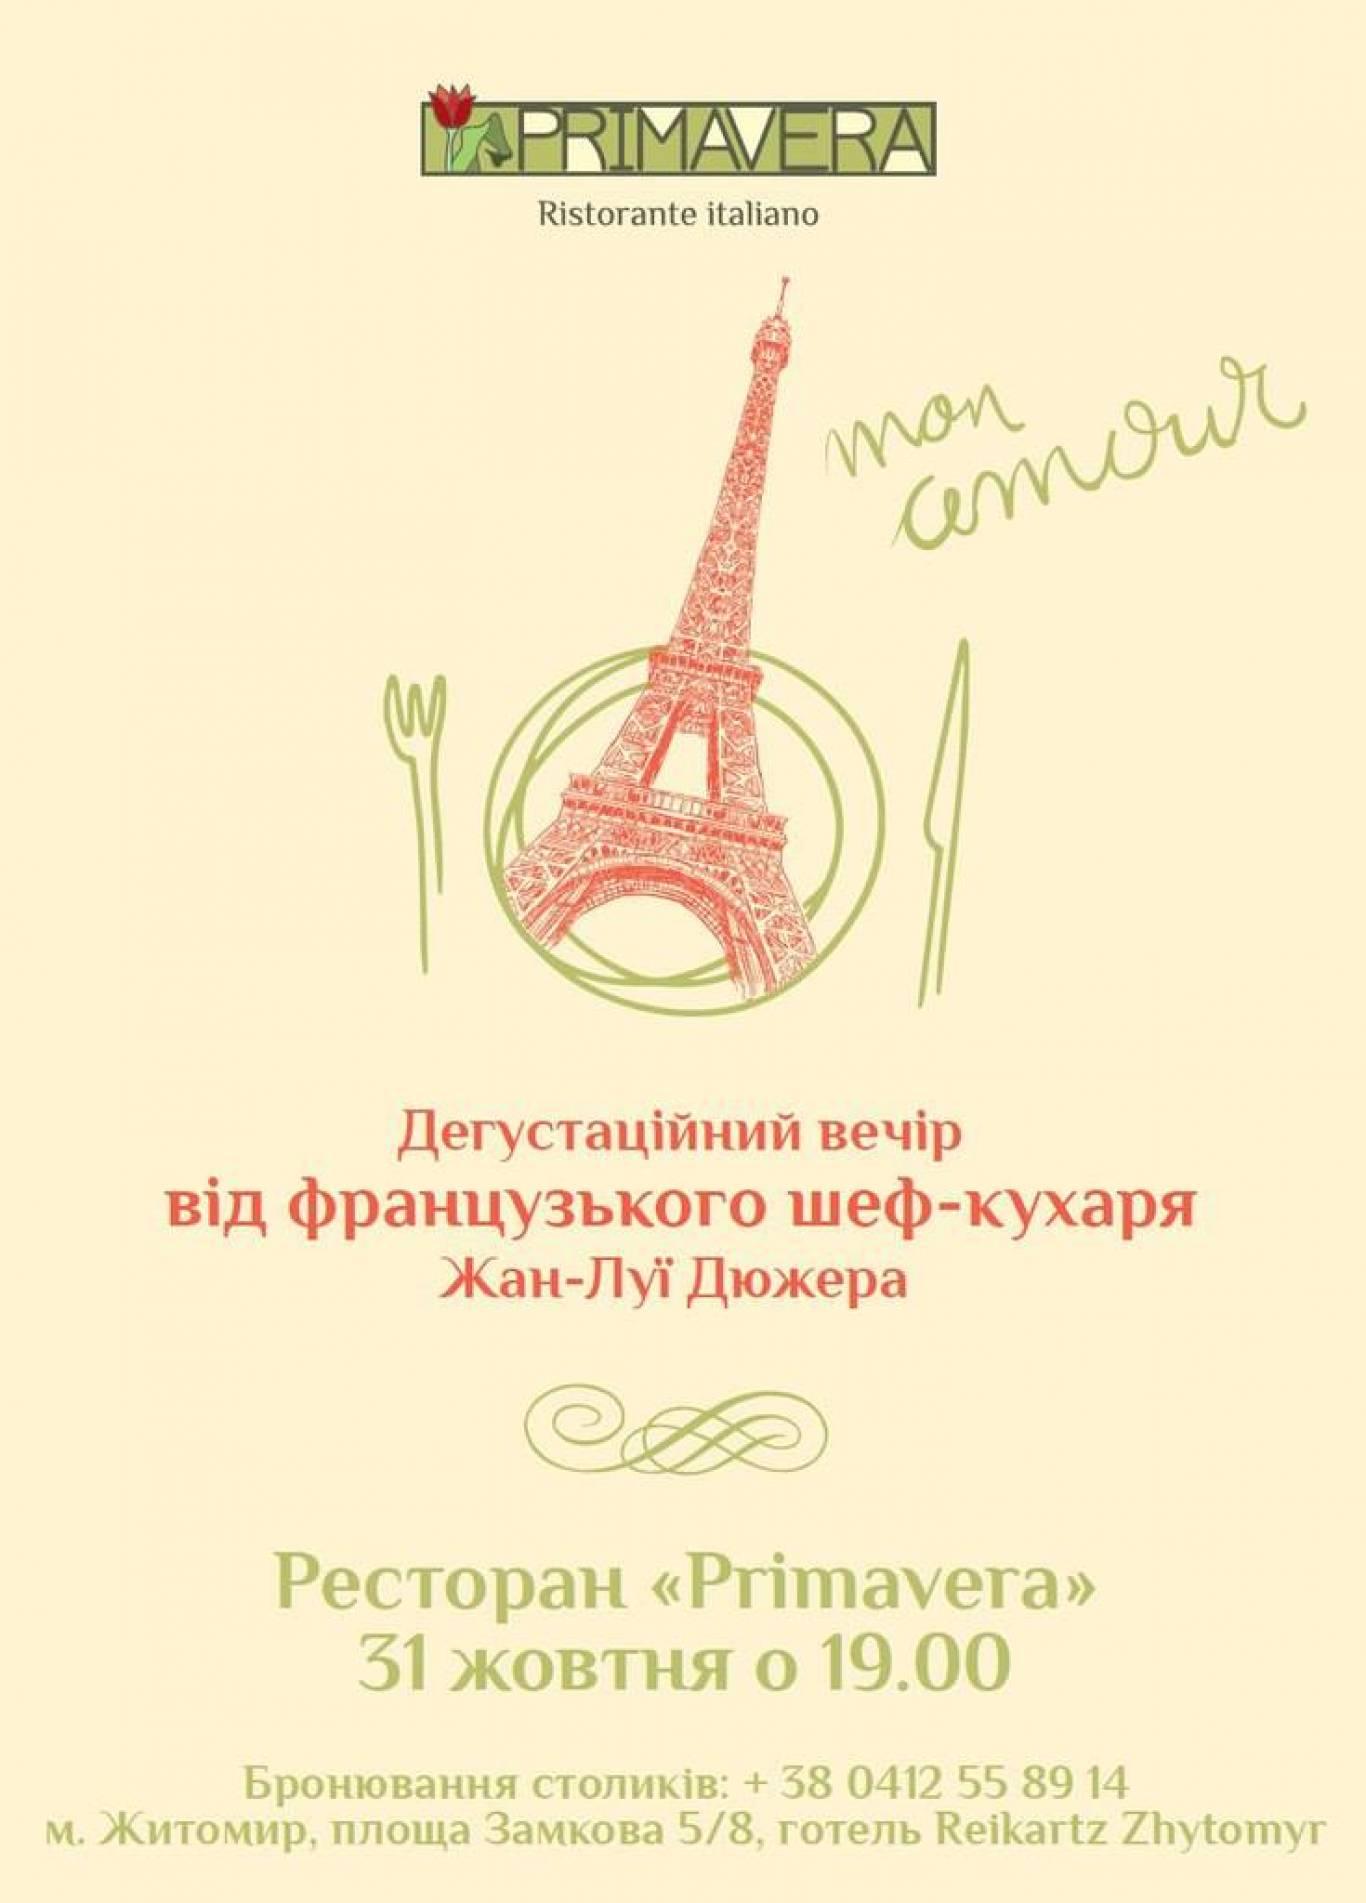 Французький вечір-дегустація з Жан-Луї Дюжером